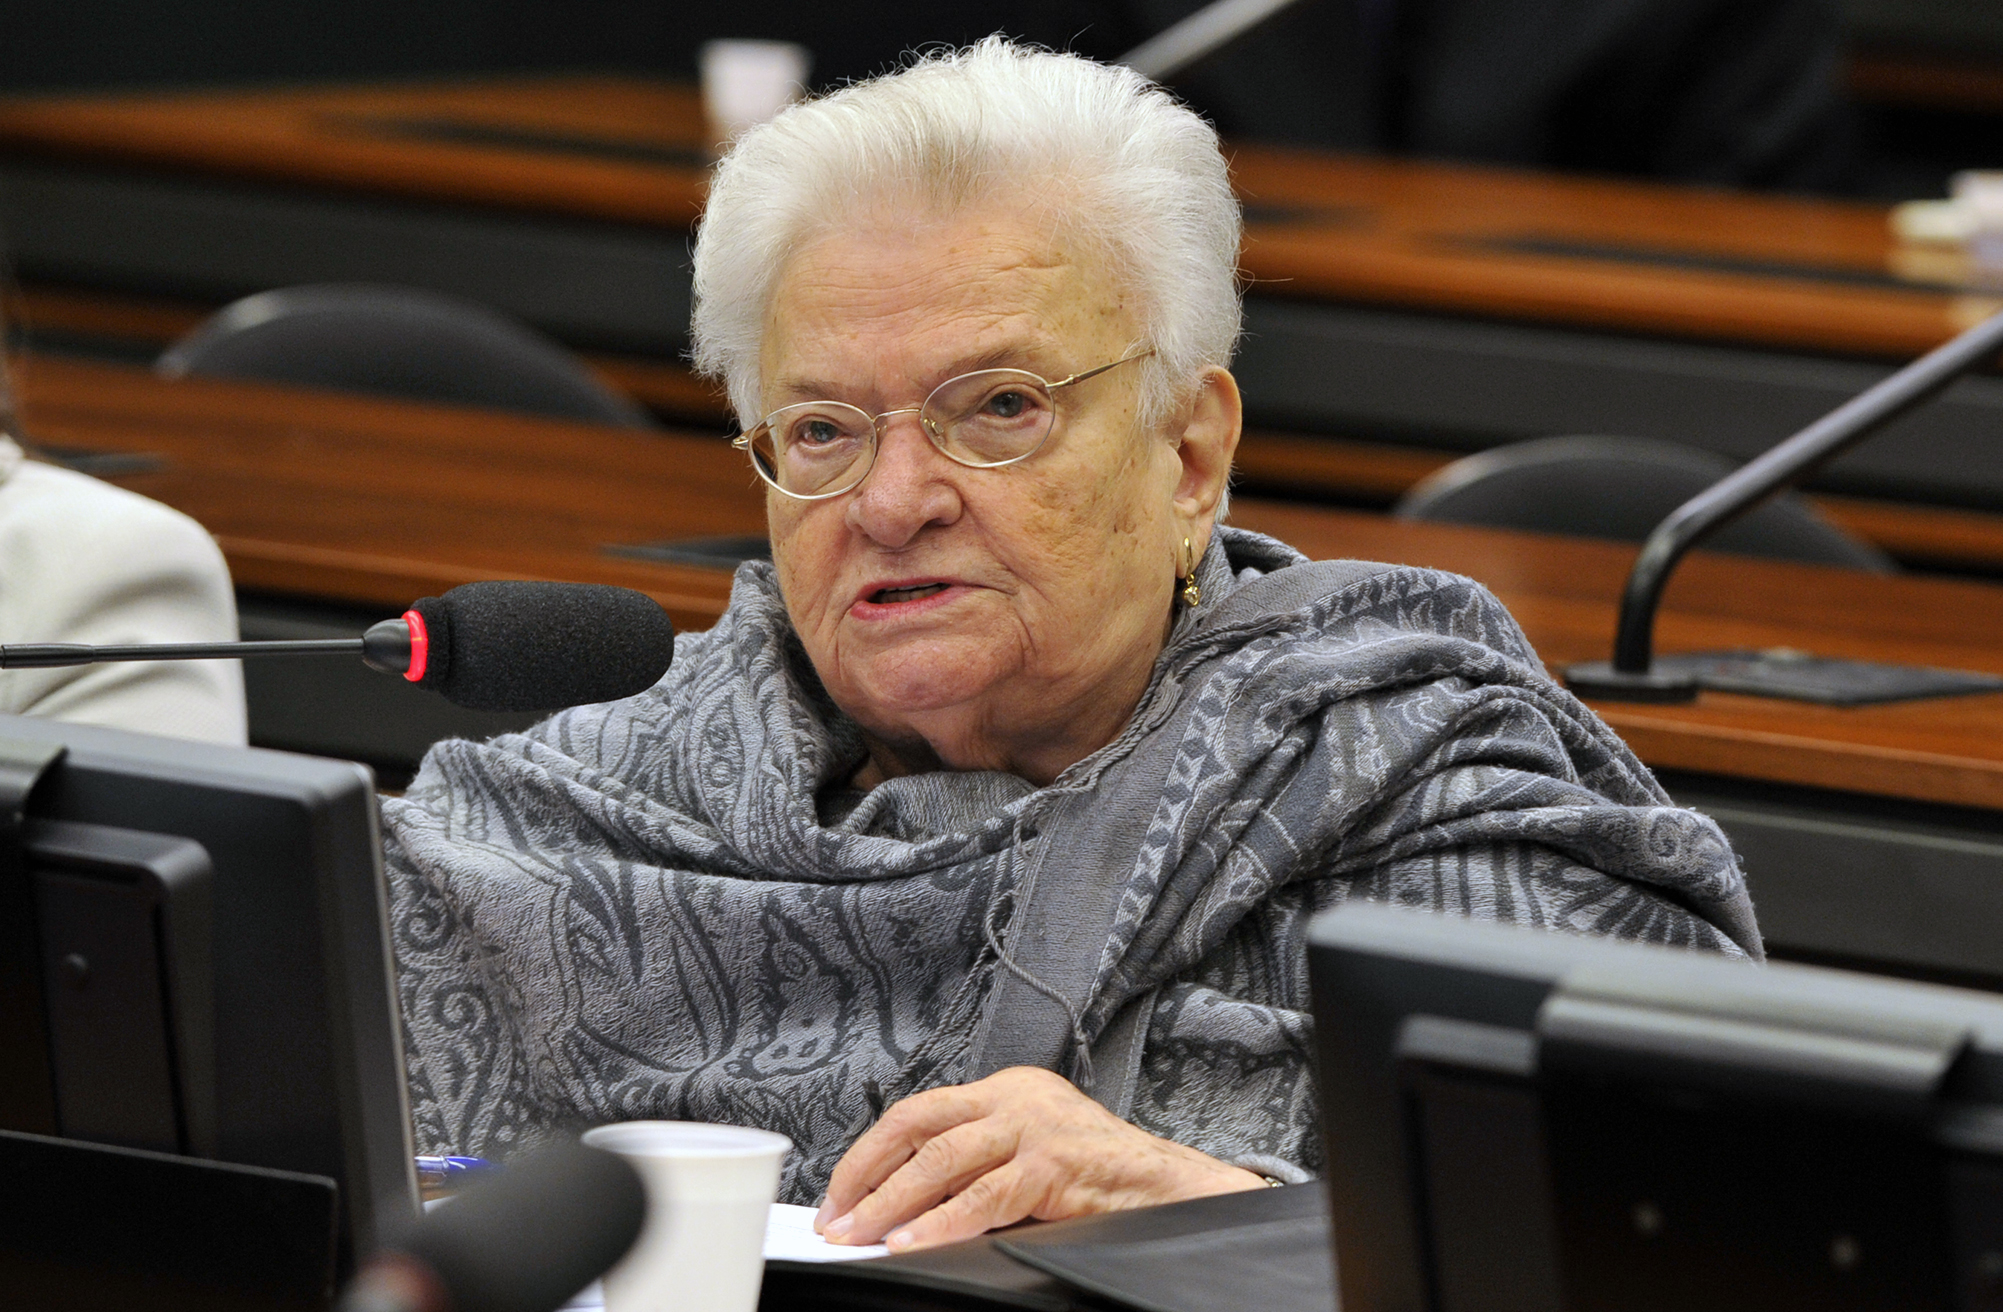 Reunião Ordinária. Dep. Luiza Erundina (PSOL - SP)